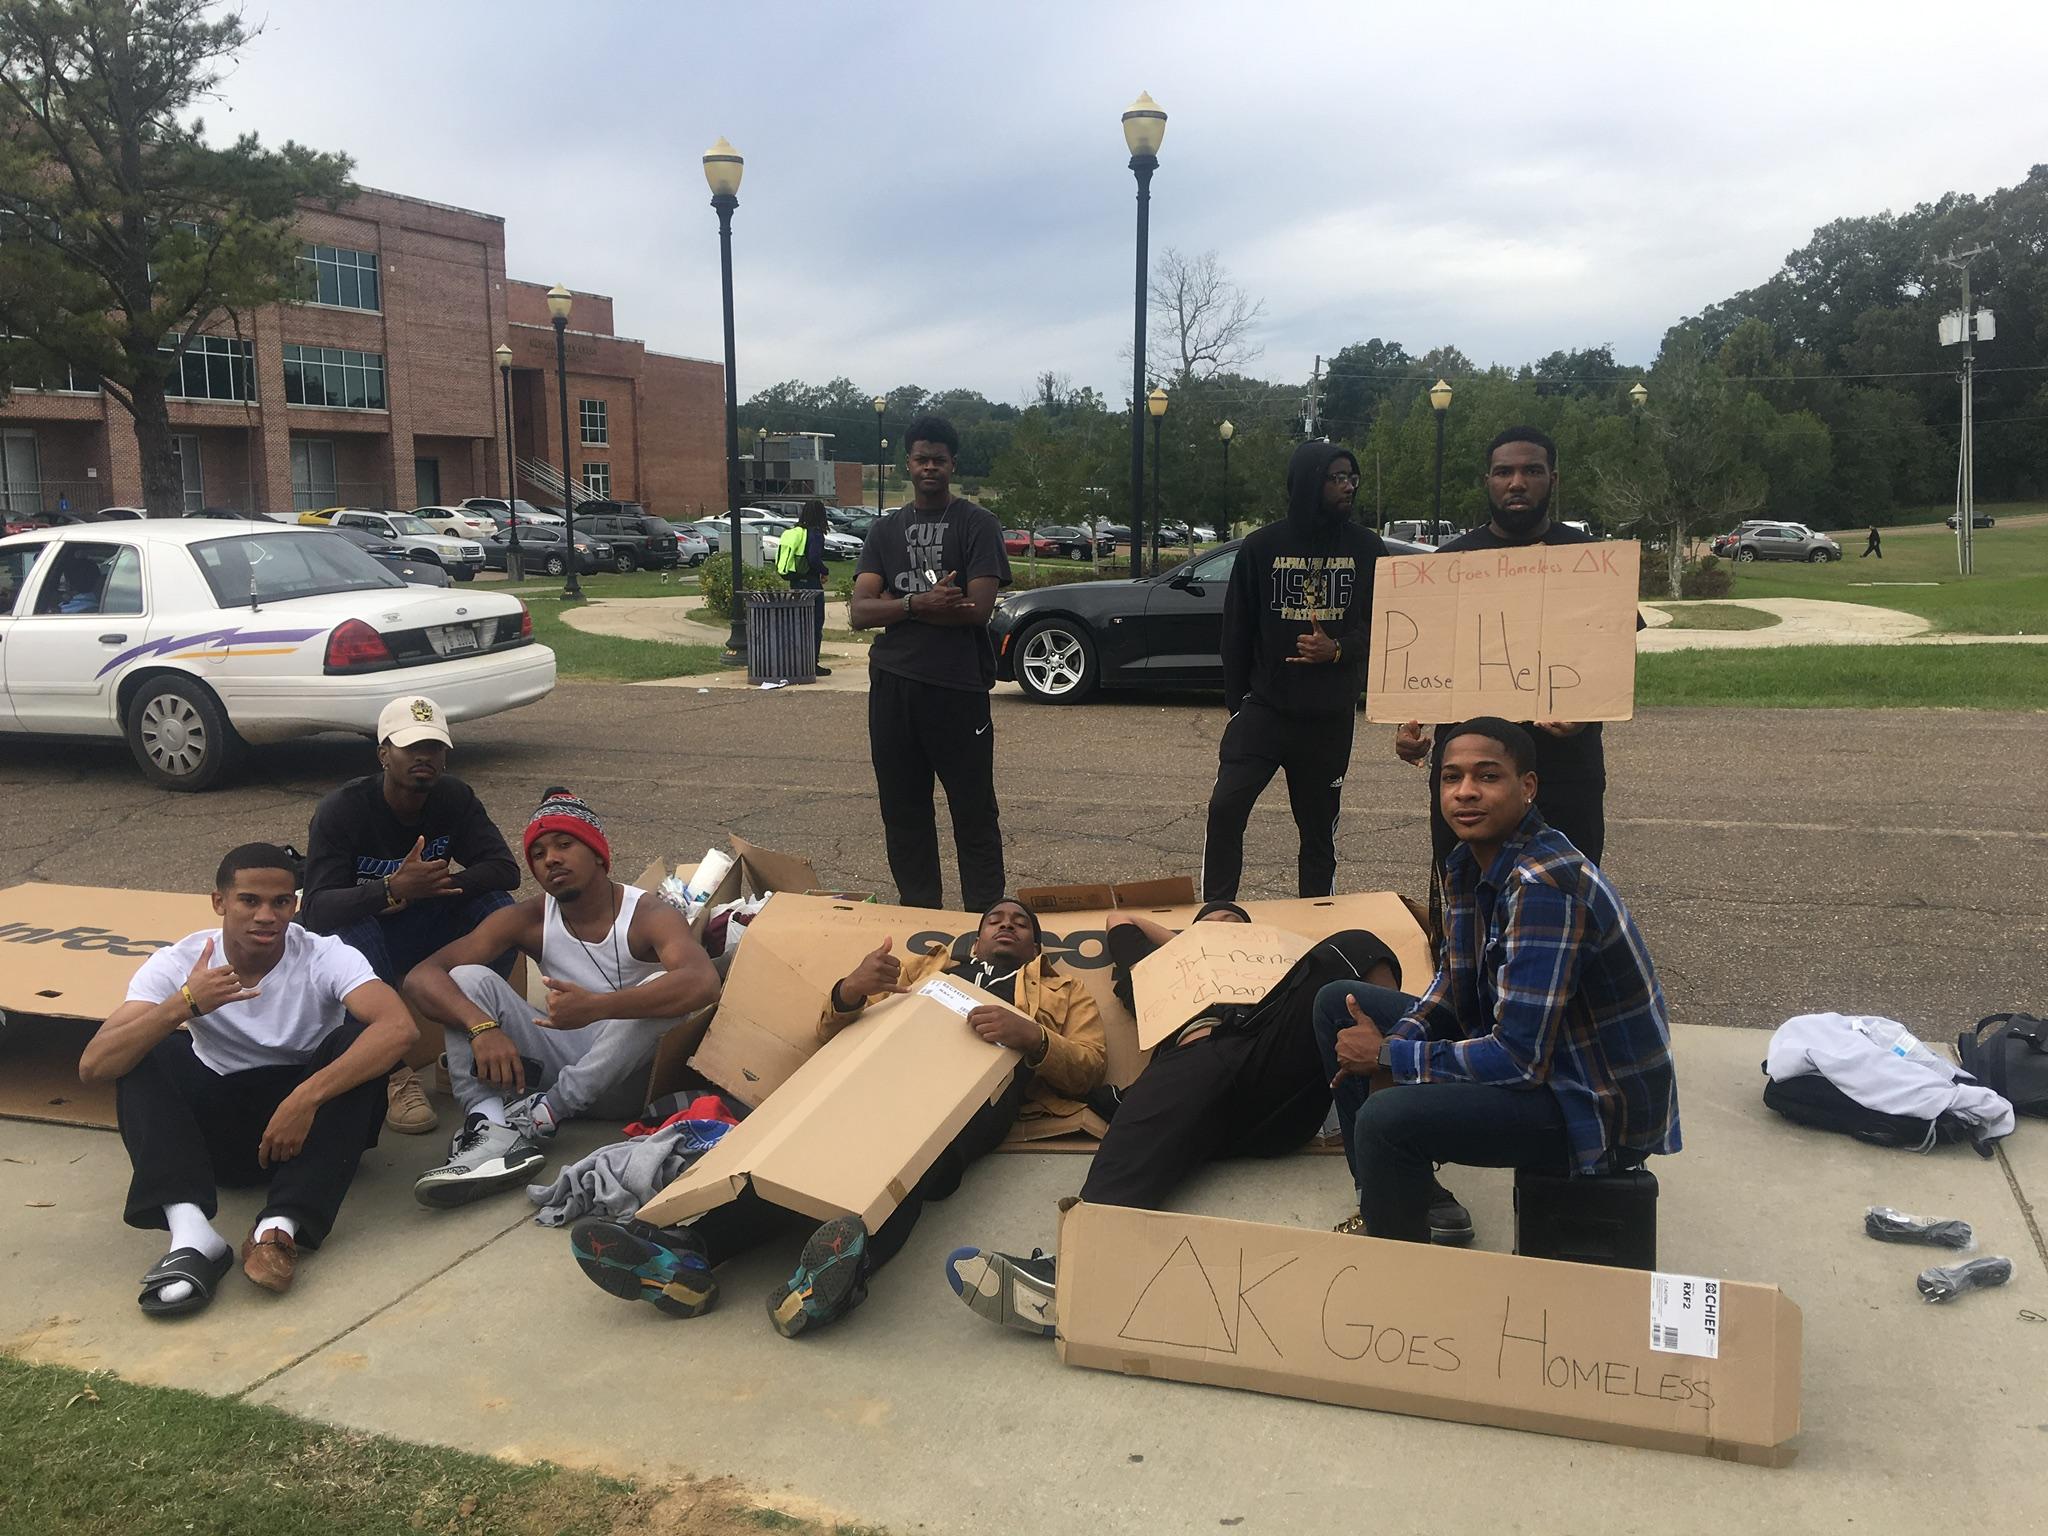 Delta Kappa Goes Homeless